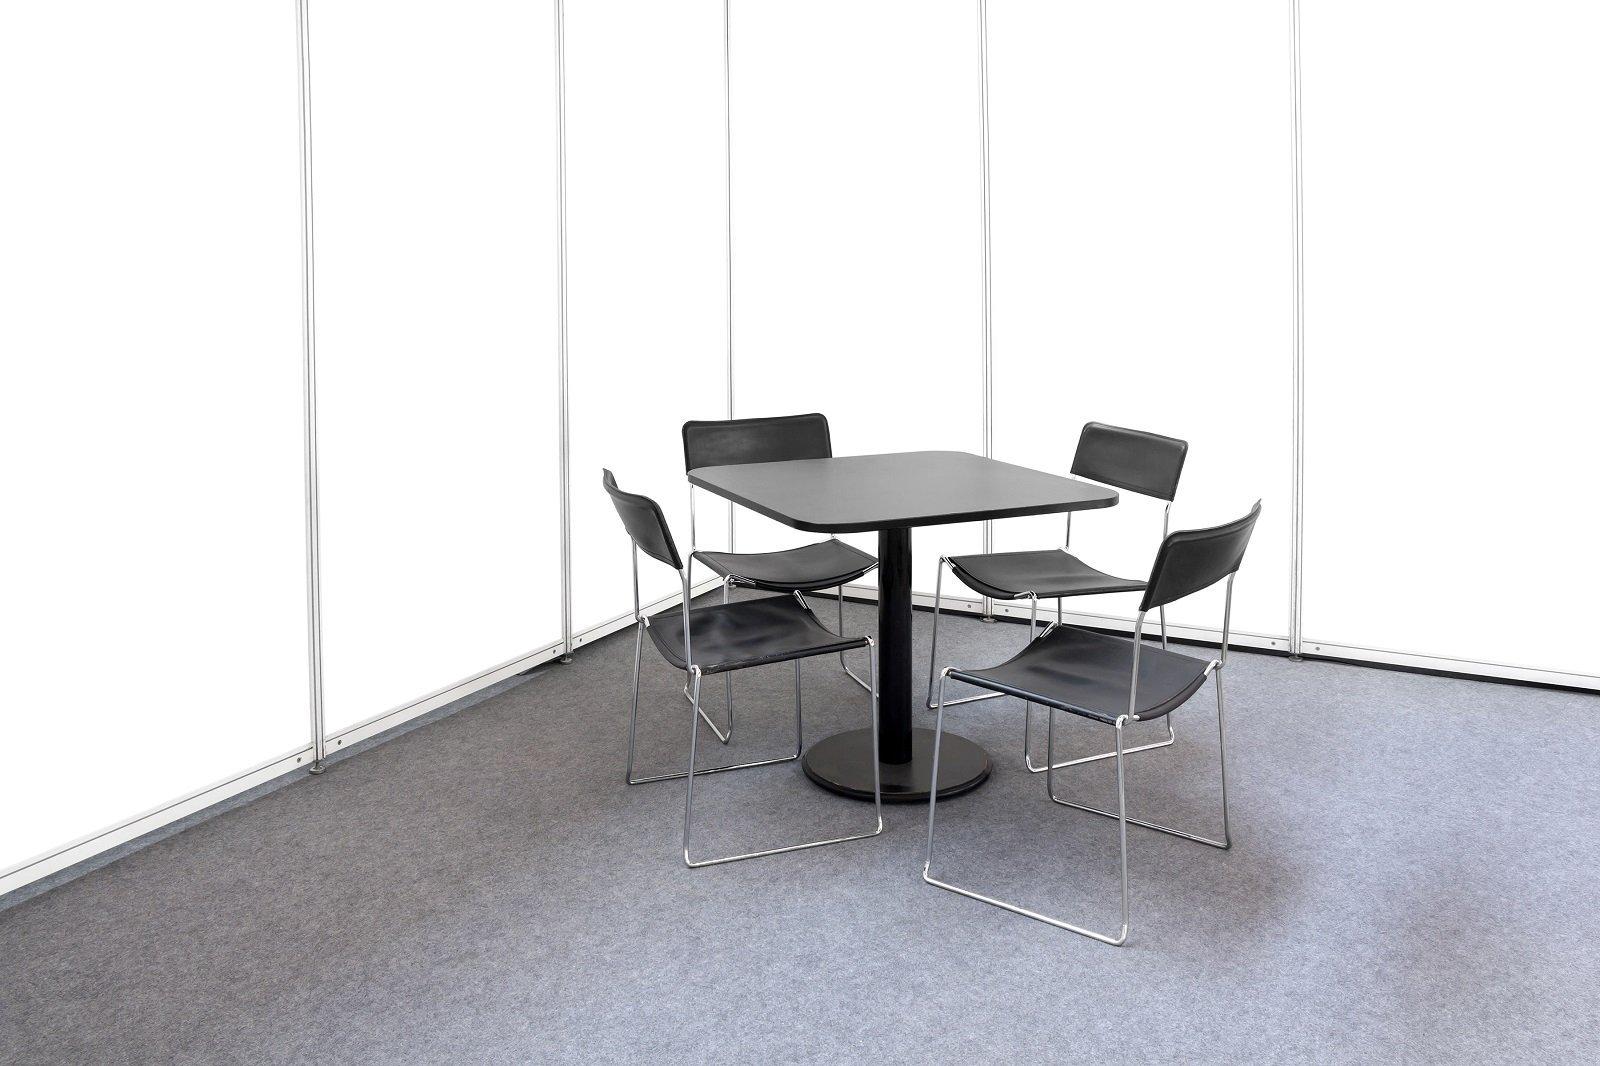 Foto in bianco e nero, tavola e quattro sedie